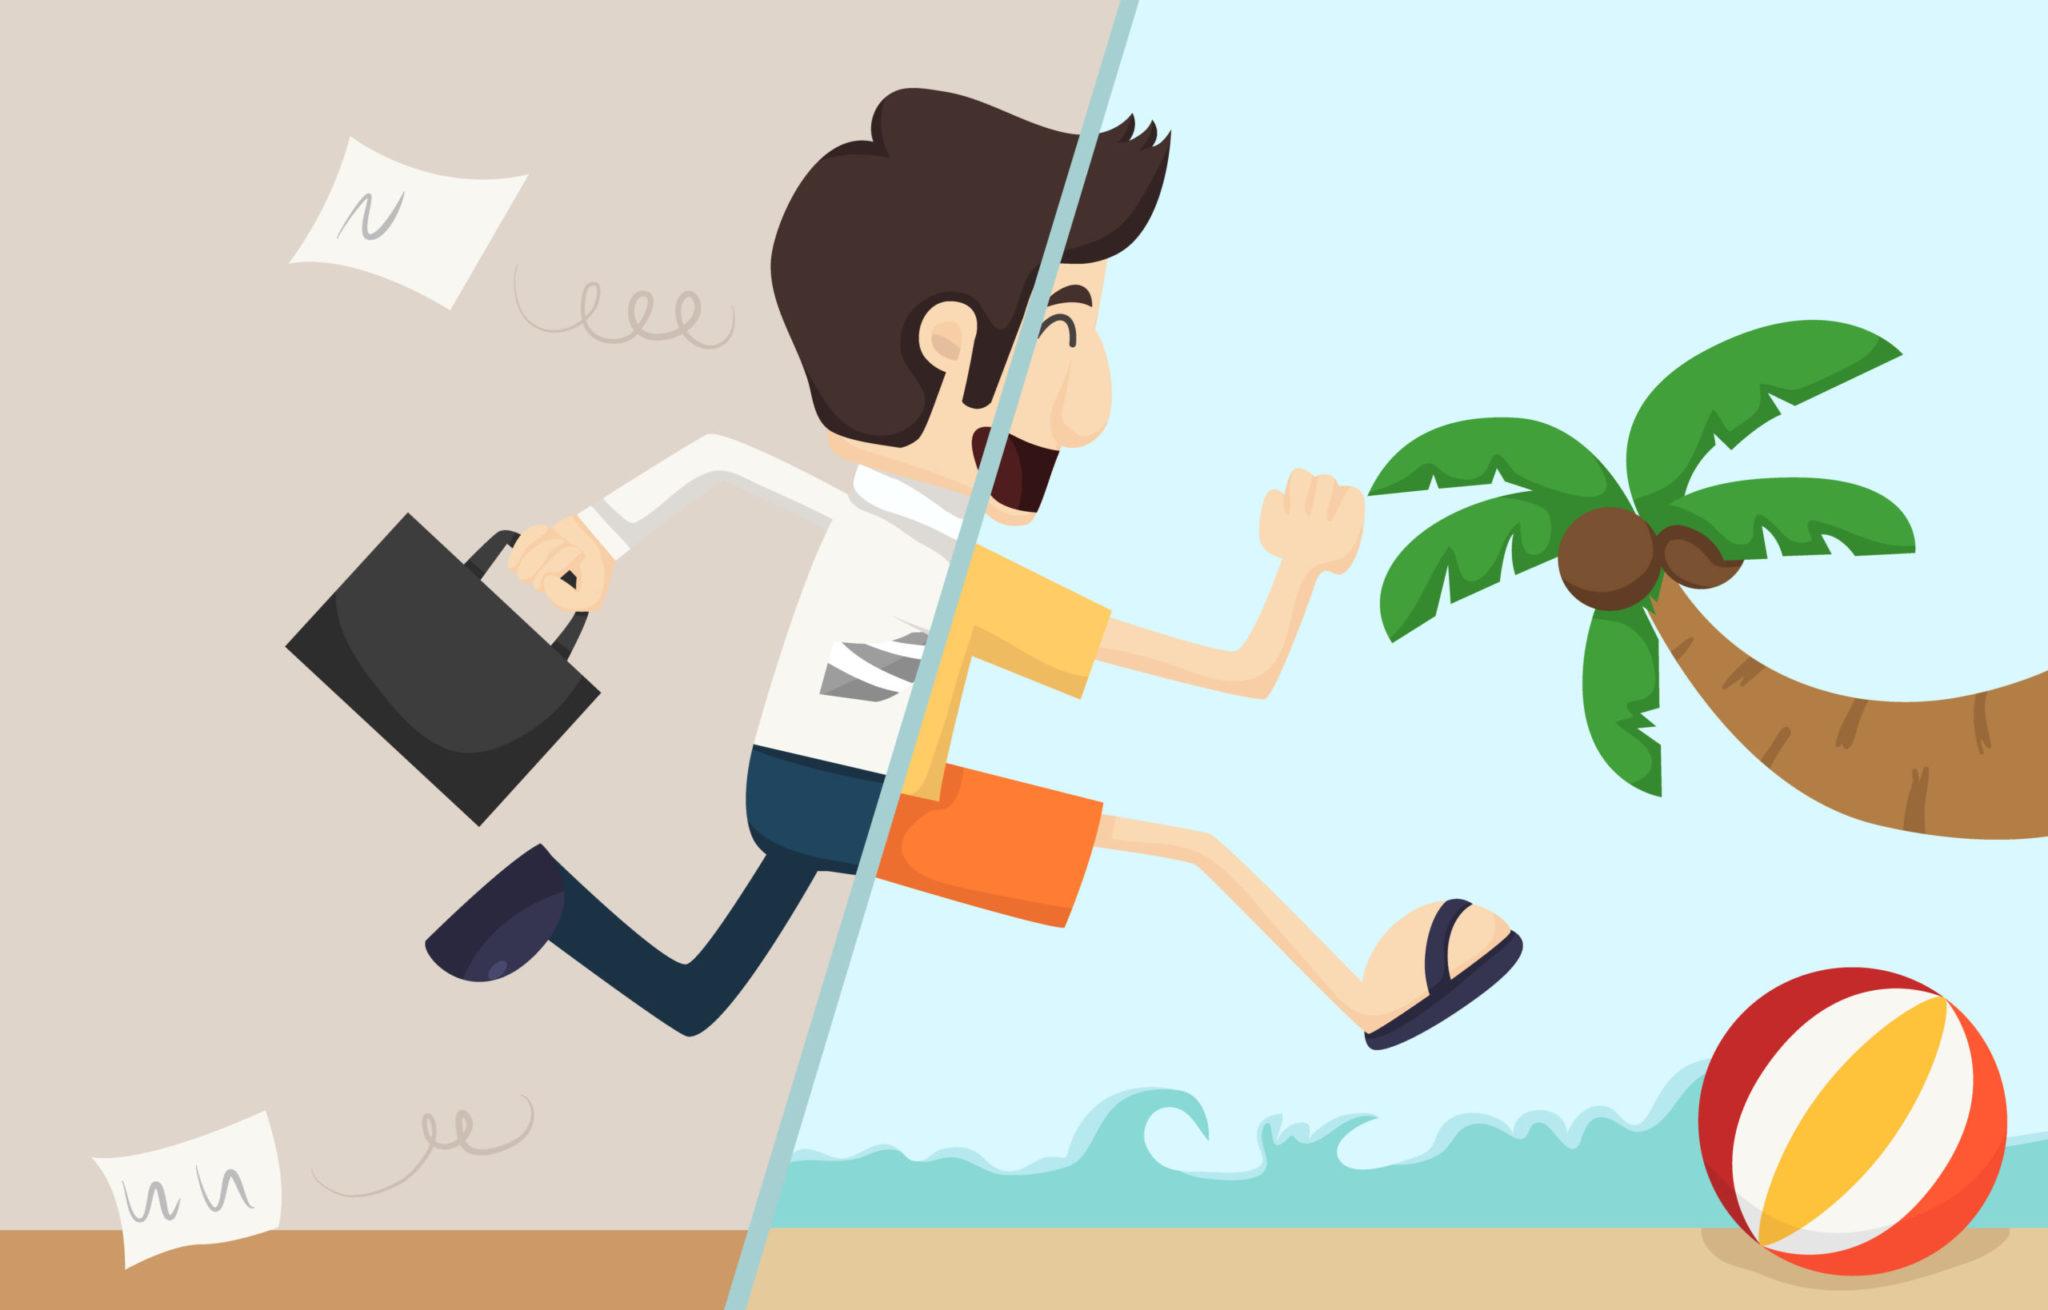 המירוץ לחופש כלכלי: כך תקחו בעלות על המצב הפיננסי שלכם